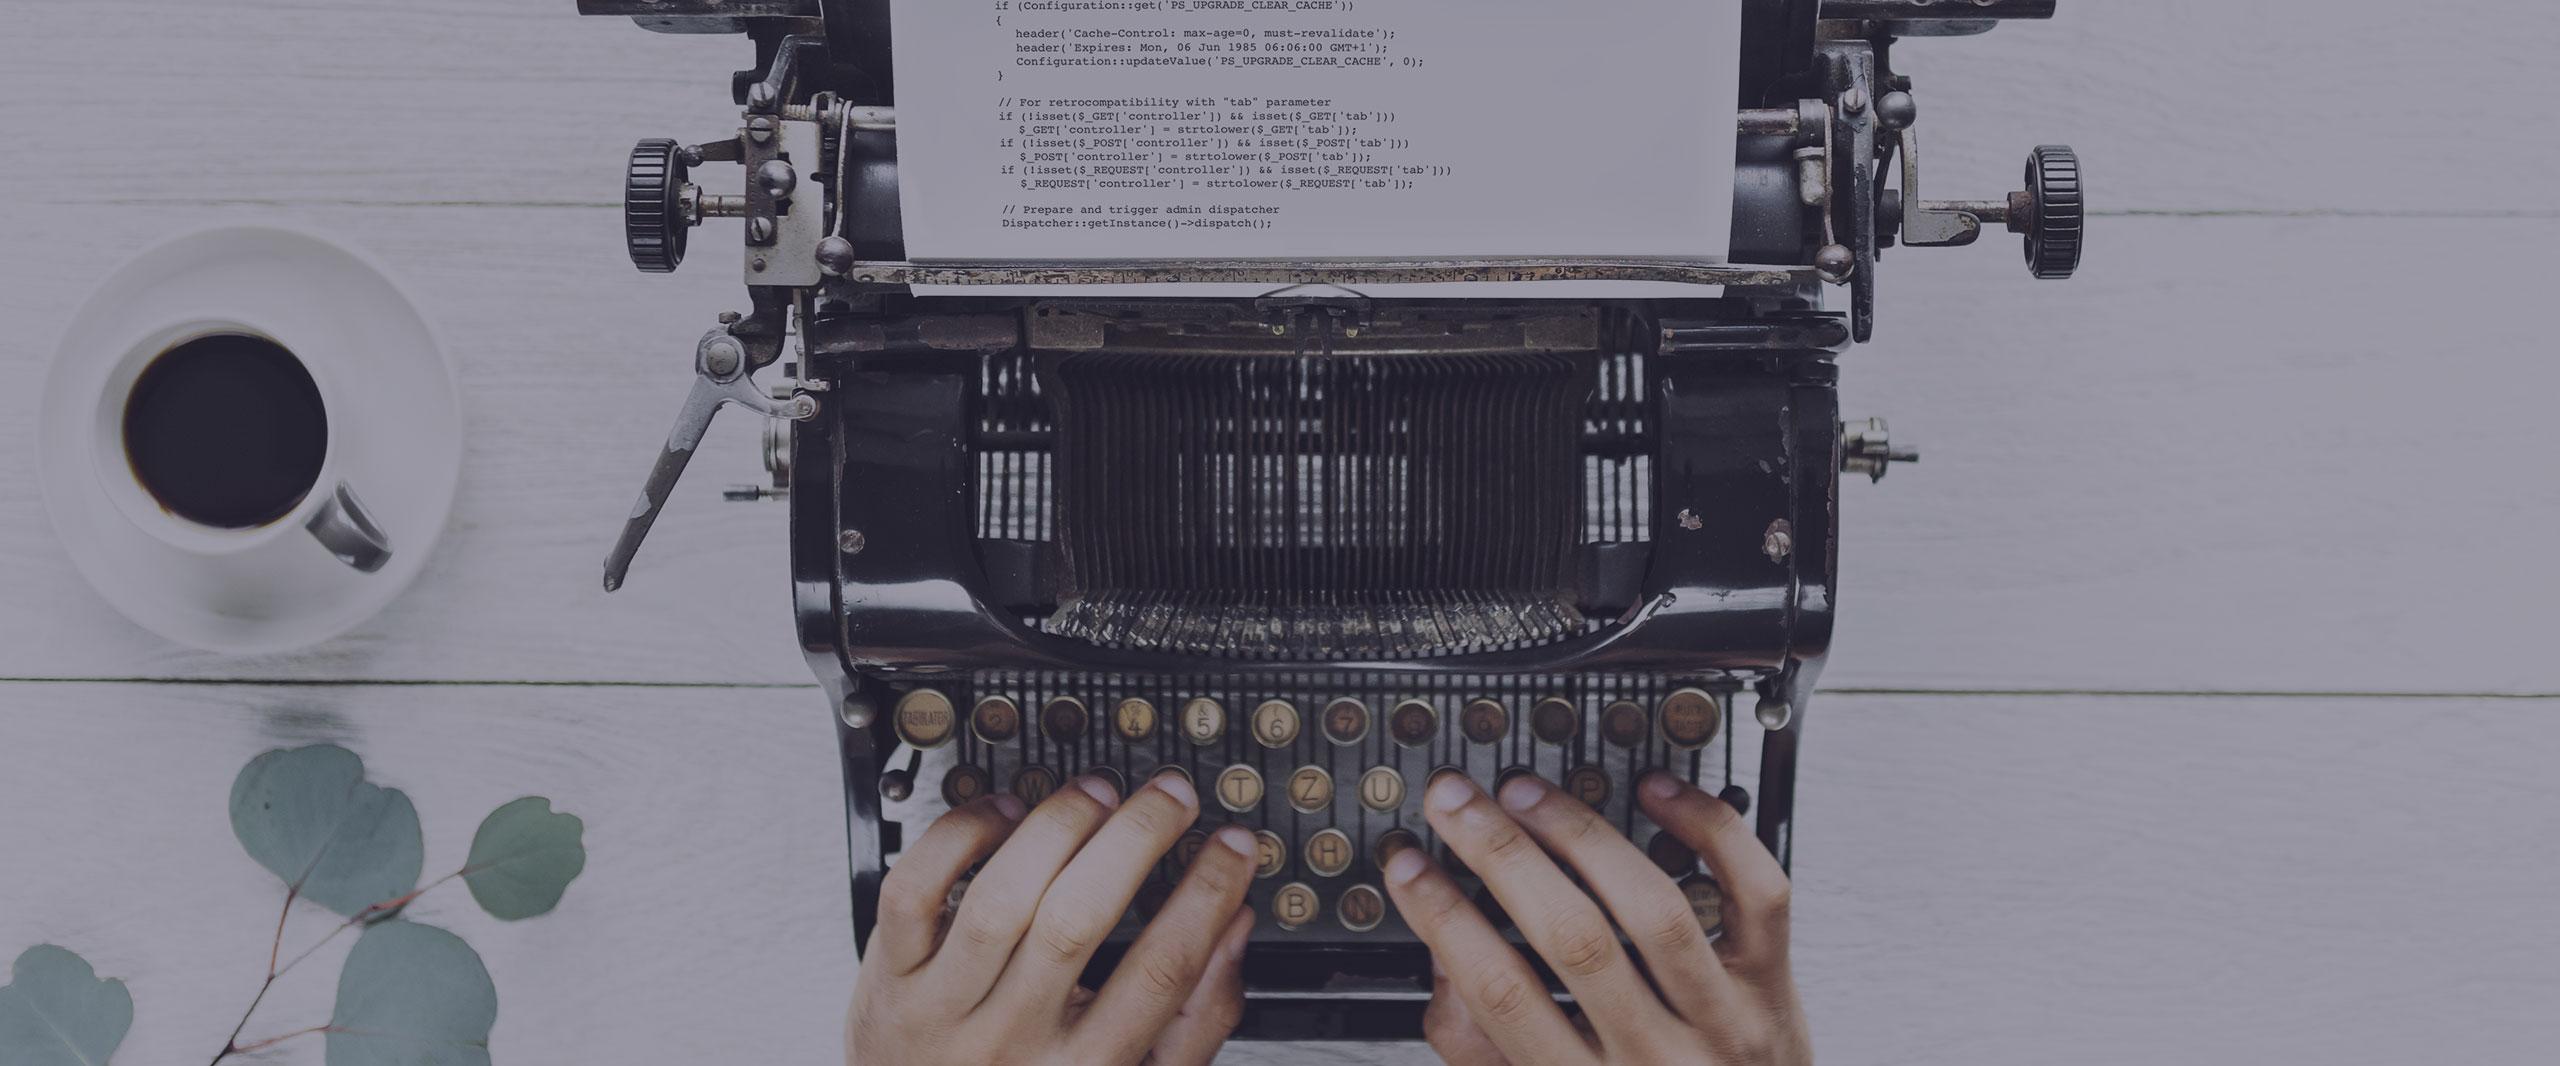 Il web non è solo una connessione tra macchine, ma anche tra persone.